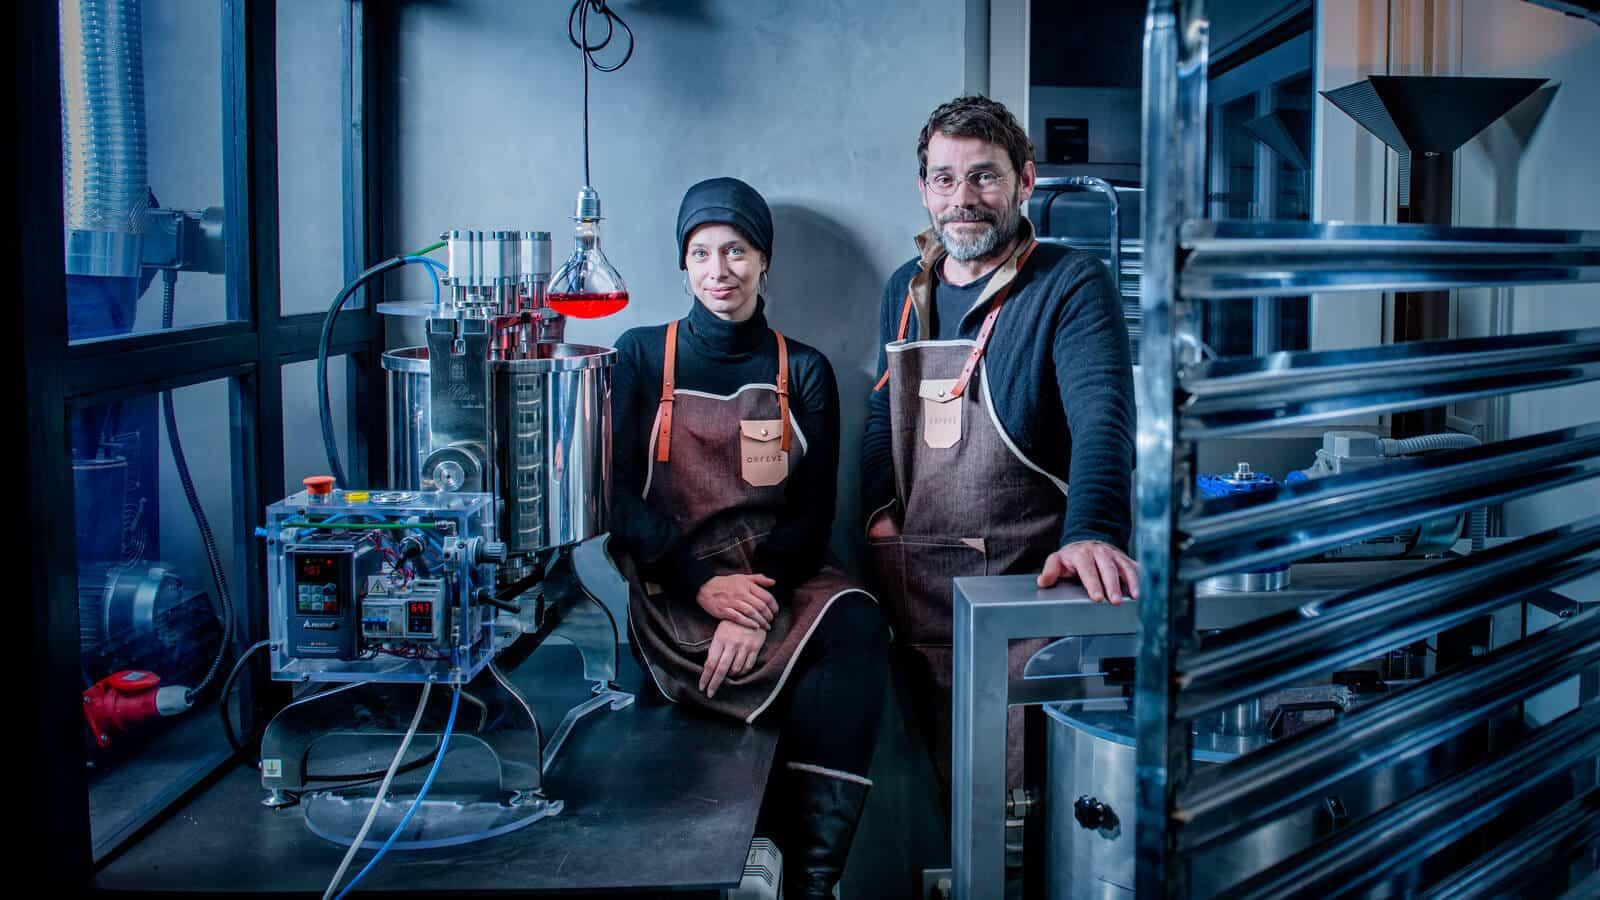 Caroline-Buechler-Francois-Xavier-Mousin-Orfeve-Manufacture-Suisse-de-Cacao-et-Chocolat-Bean-to-Bar-credit-David-Wagnieres_Lionel-Meylan-Horlogerie-Joaillerie-Vevey